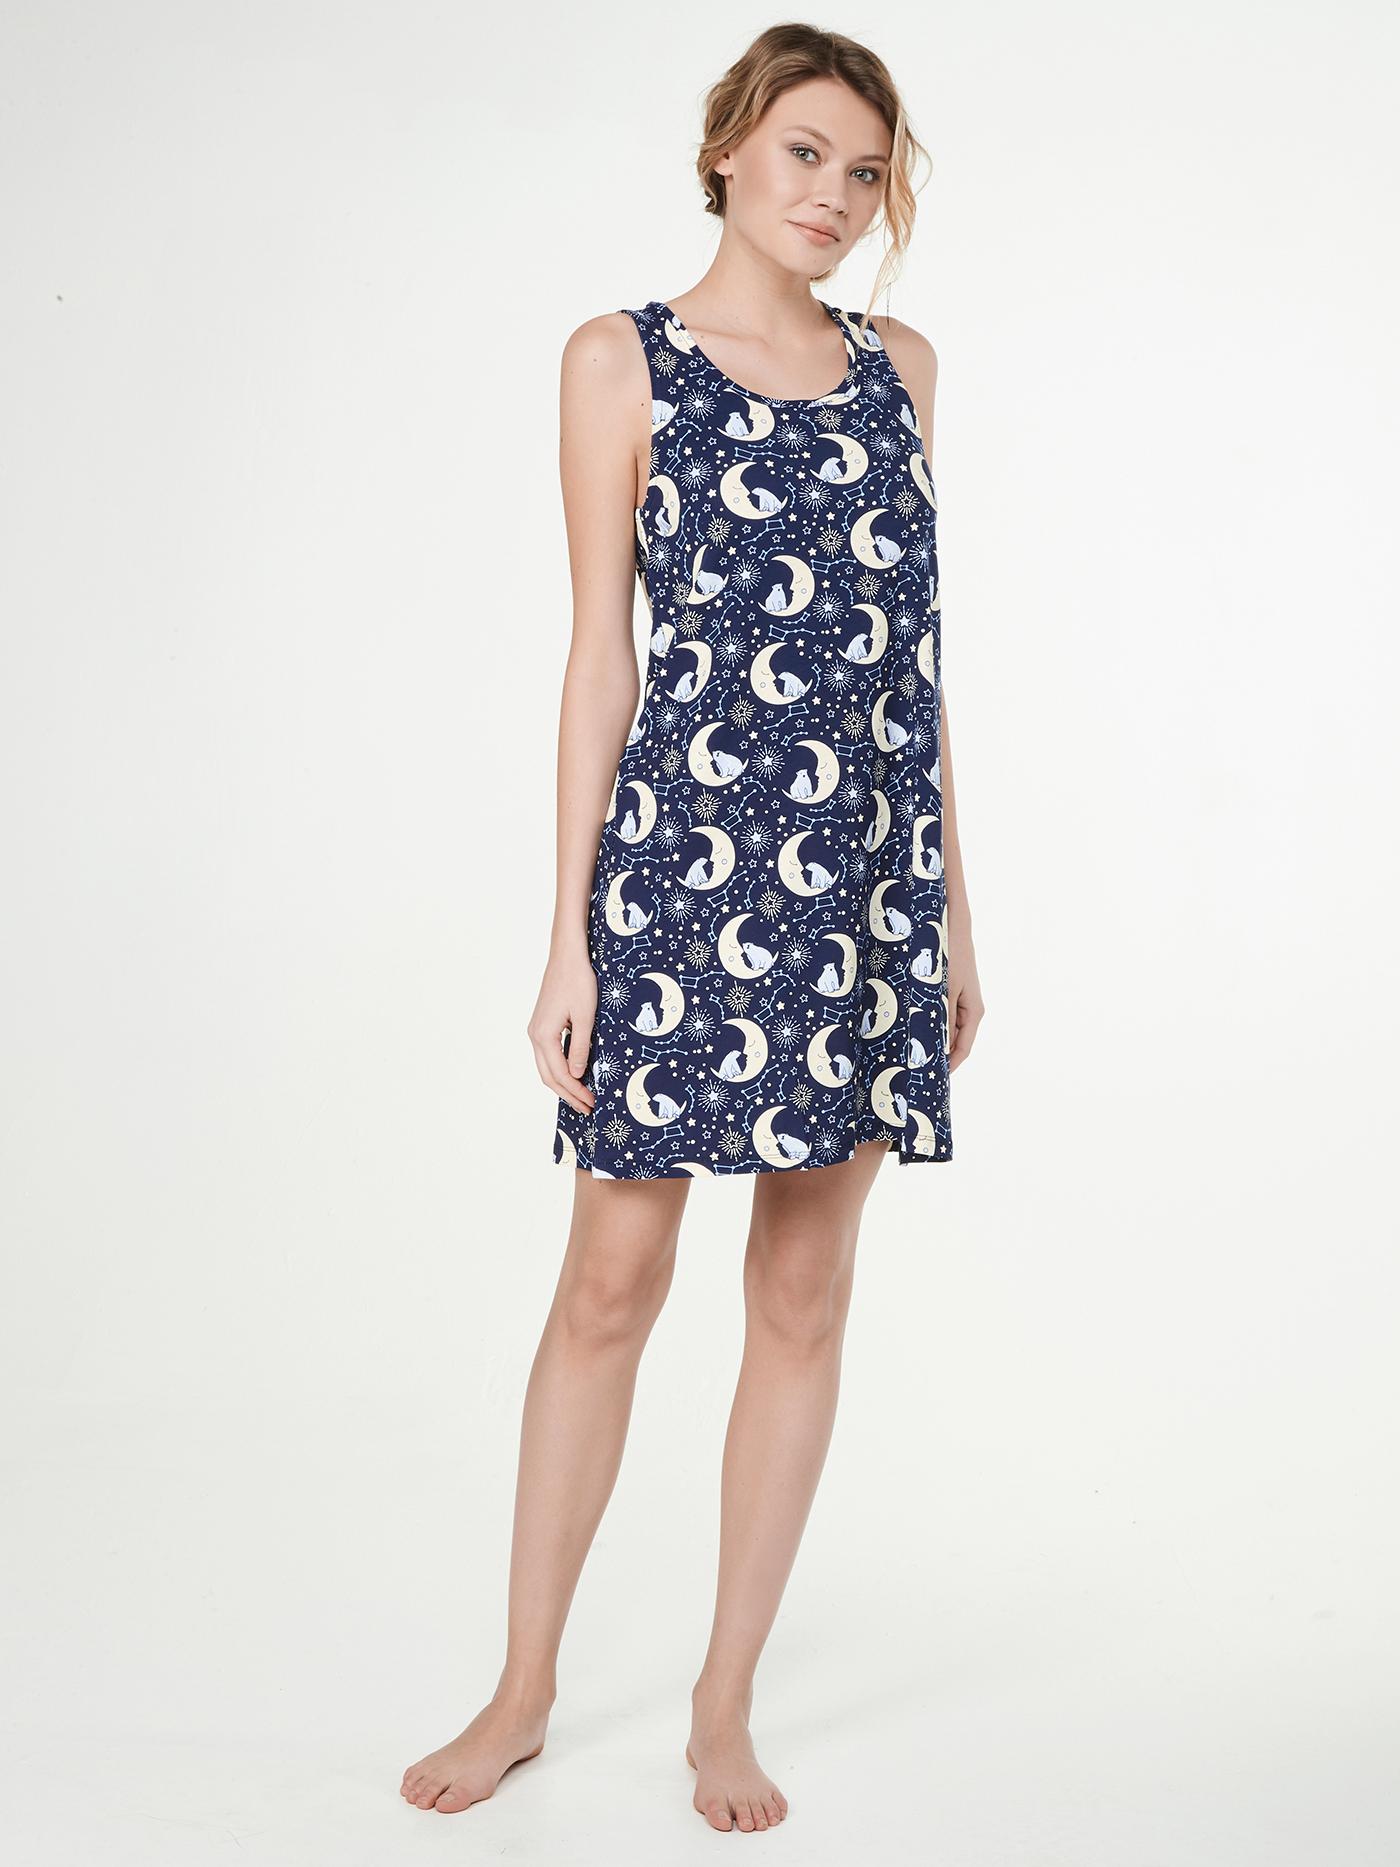 Платье дефиле midnight купить в интернет-магазине в Москве, цена 499.00 |midnight